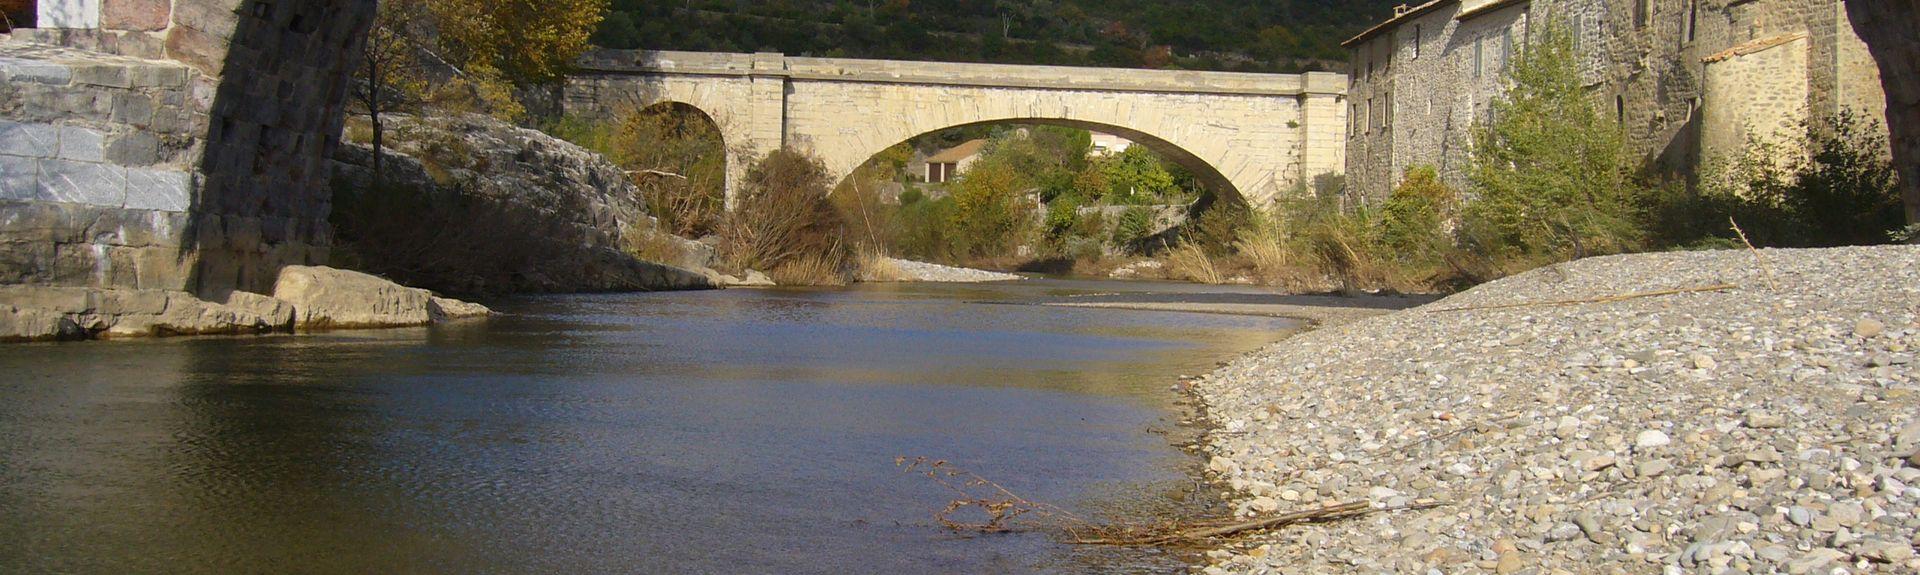 Montlaur, Aude (Département), Frankreich